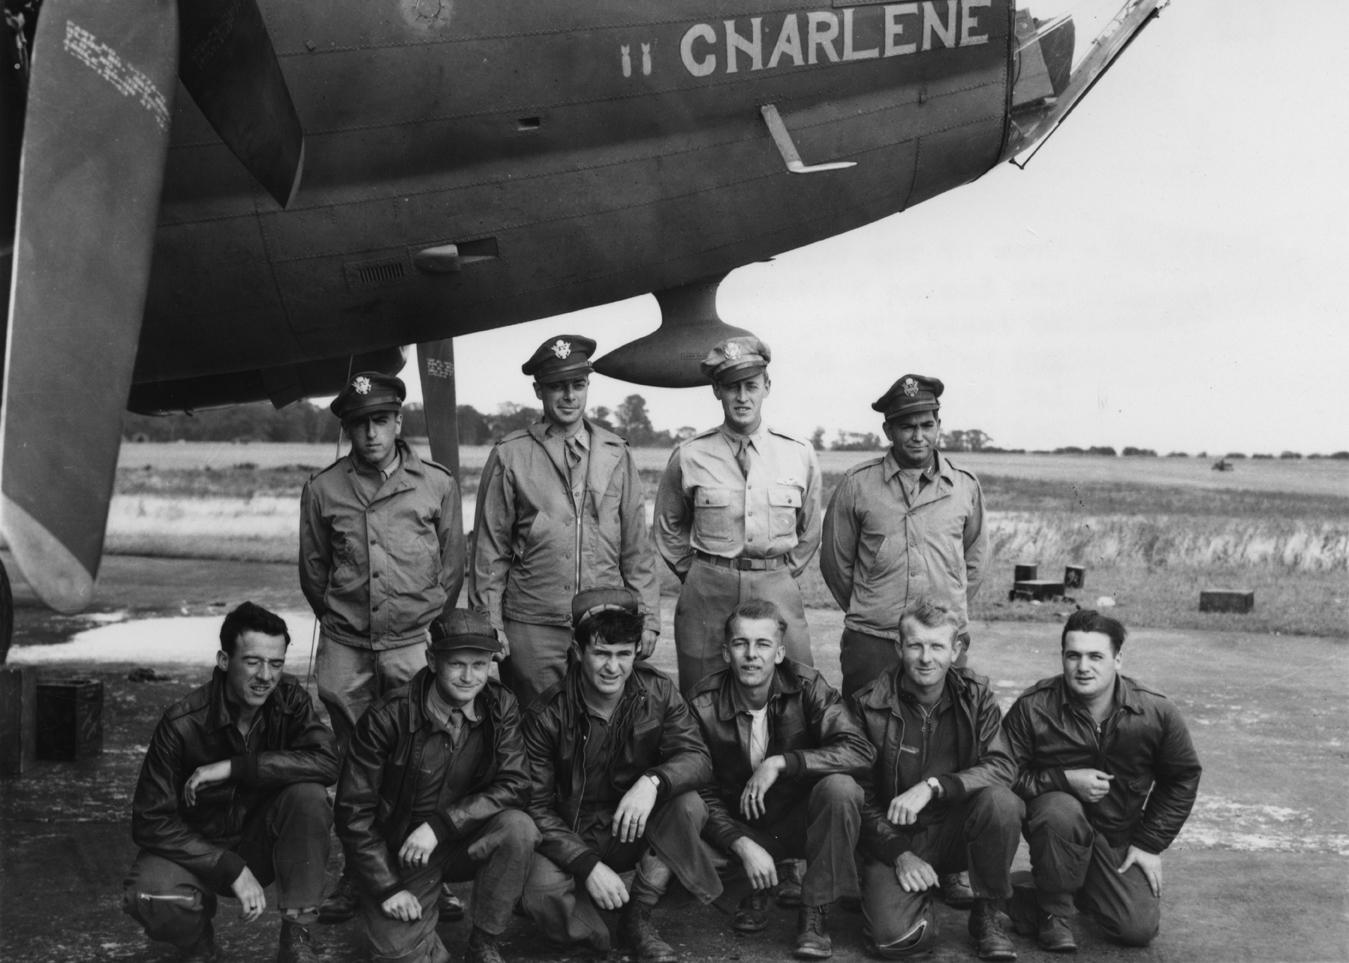 B-17 #42-30177 / Charlene aka BIR-HACKEIM